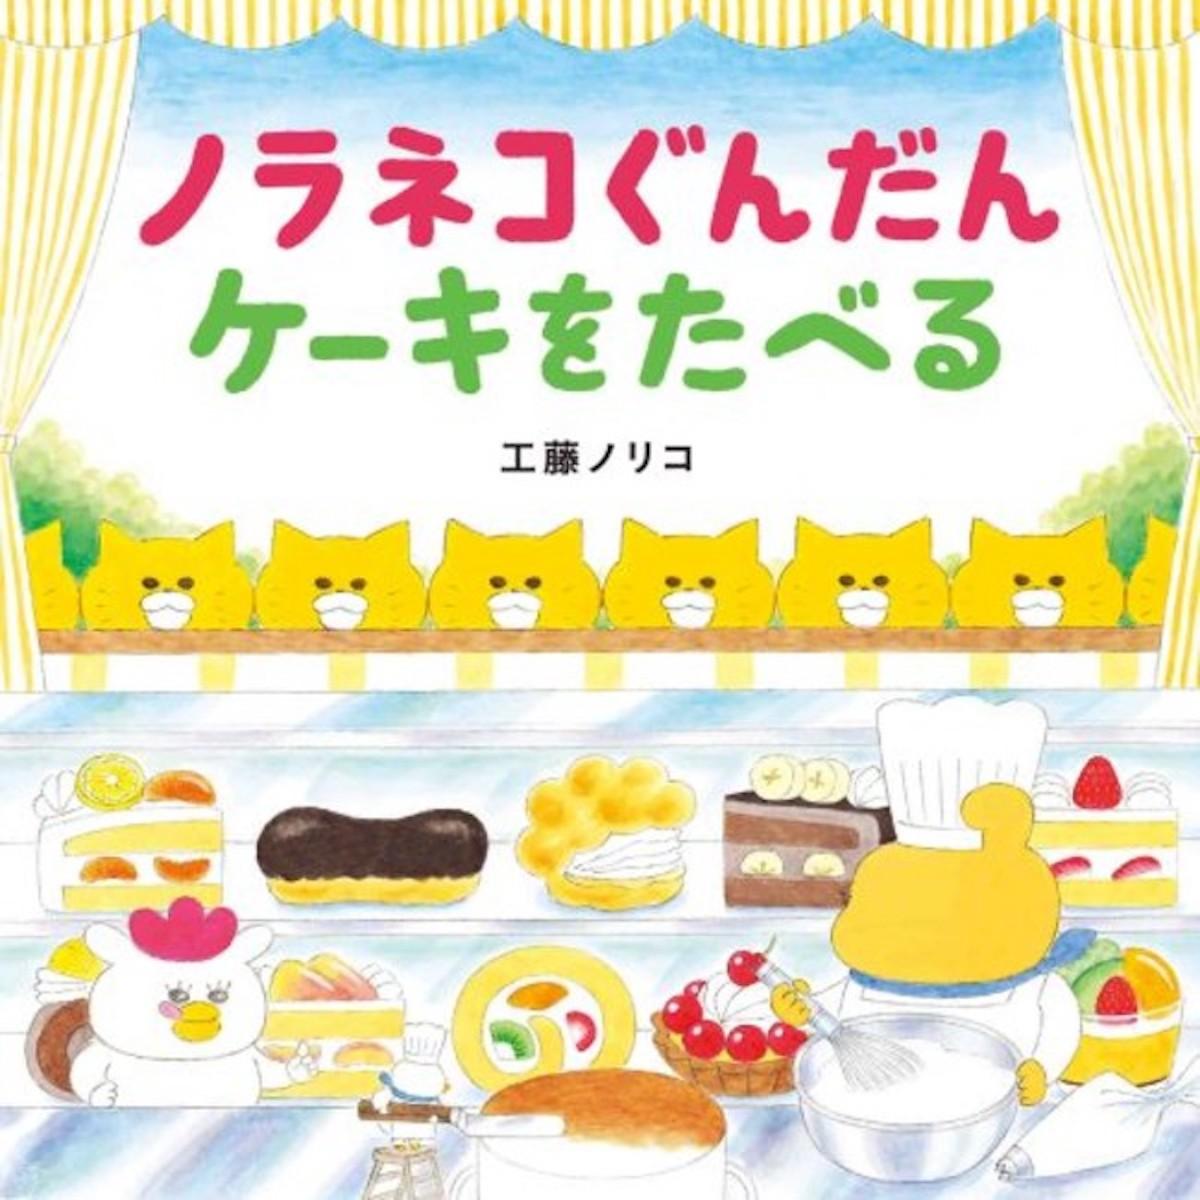 『ノラネコぐんだん ケーキをたべる』書影 ©工藤ノリコ/白泉社